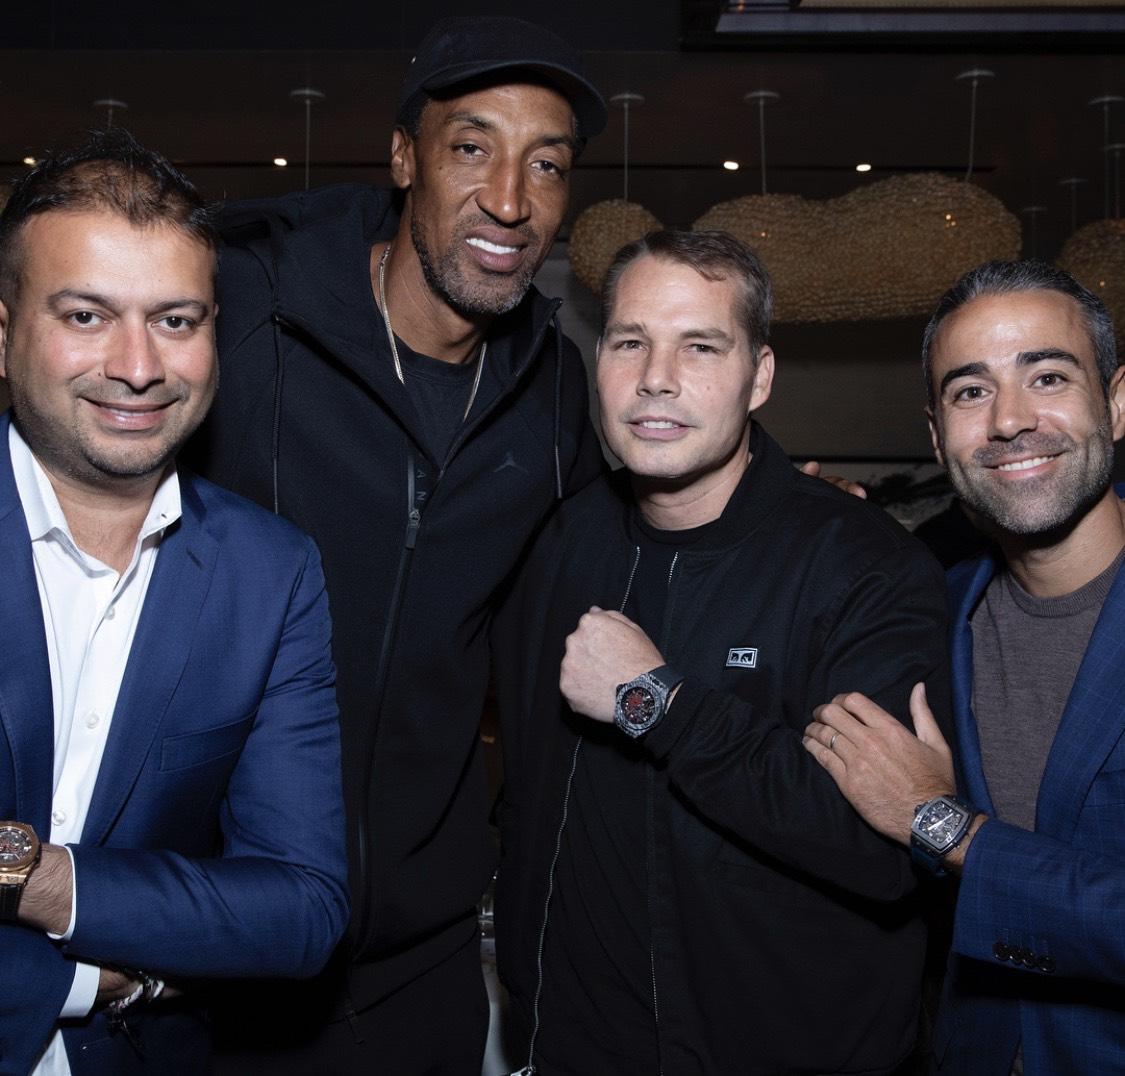 Kamal Hotchandani, Scottie Pippen, Shepard Fairey and Jean-François Sberro